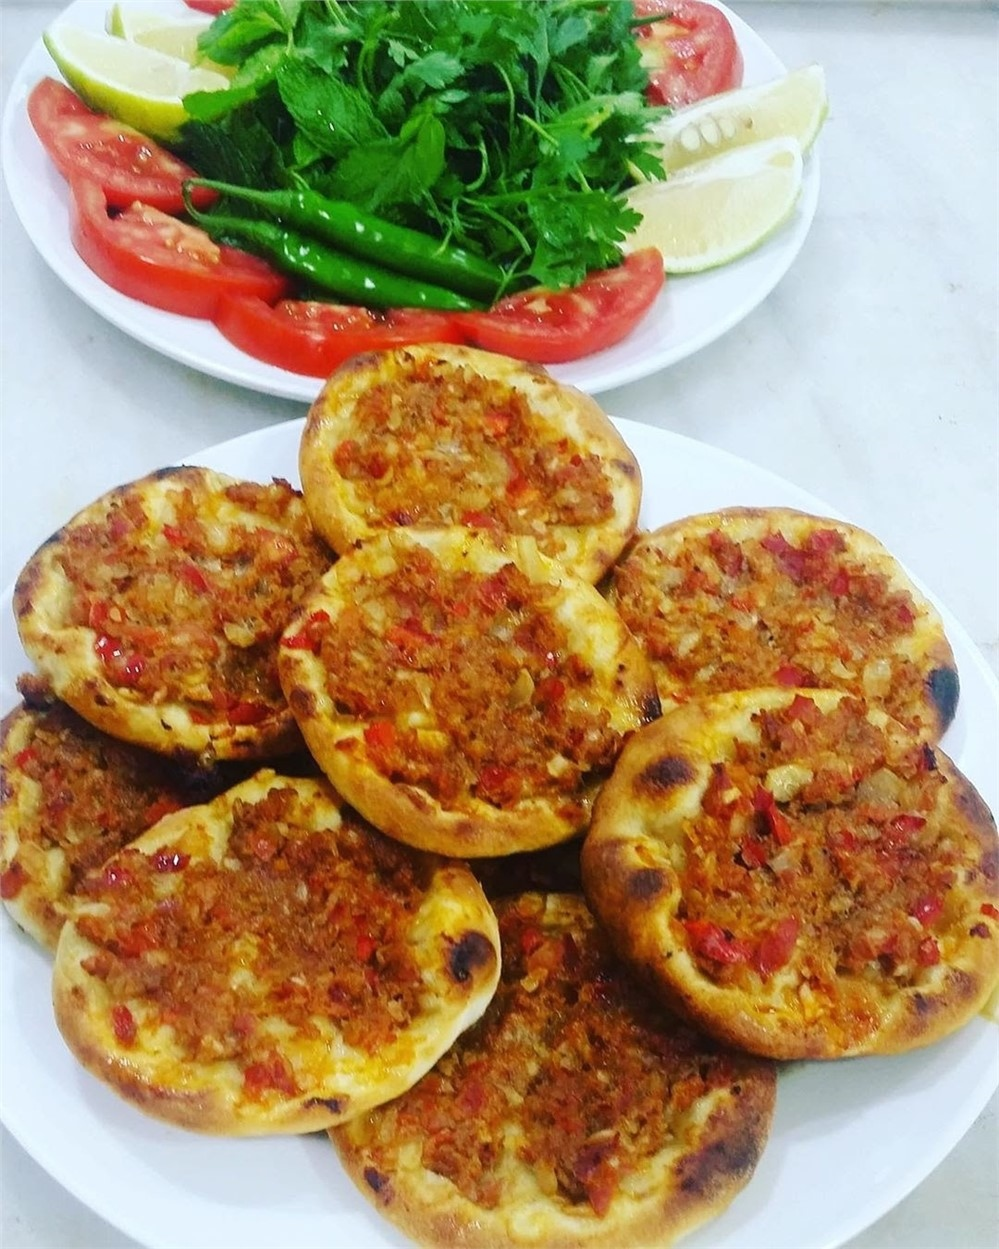 Tarsus'a 2 Coğrafi İşaretli Ürün Daha! Tarsus Fındık Lahmacunu ve Tarsus Kebabı da Artık Tescilli Yapıldı